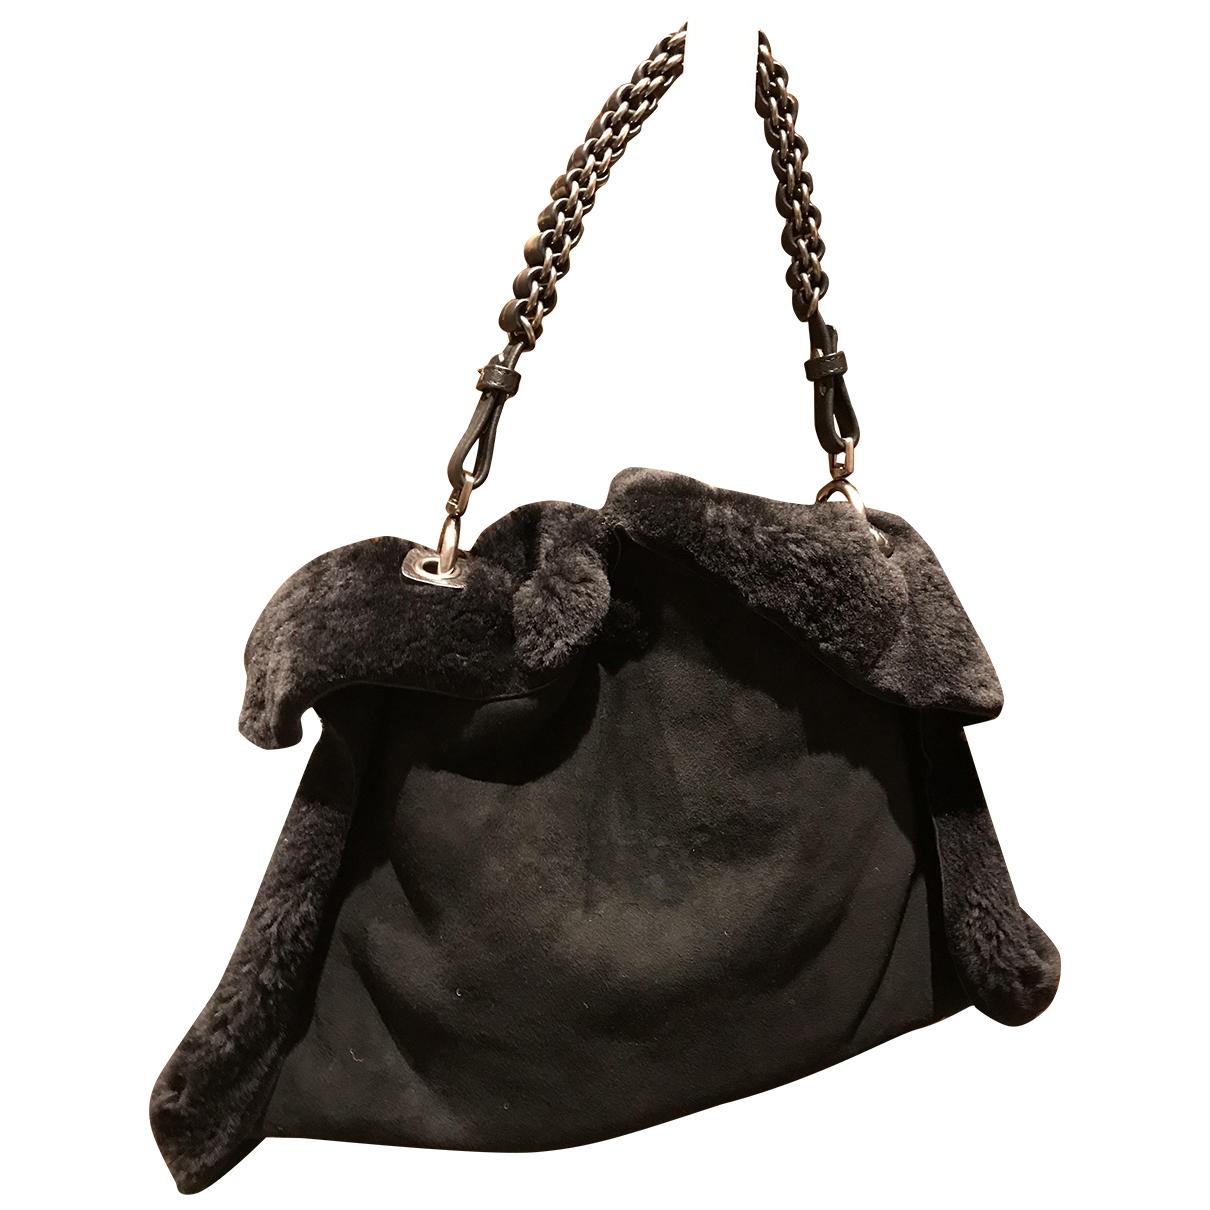 Jamin Puech - Sac a main   pour femme en mouton - noir